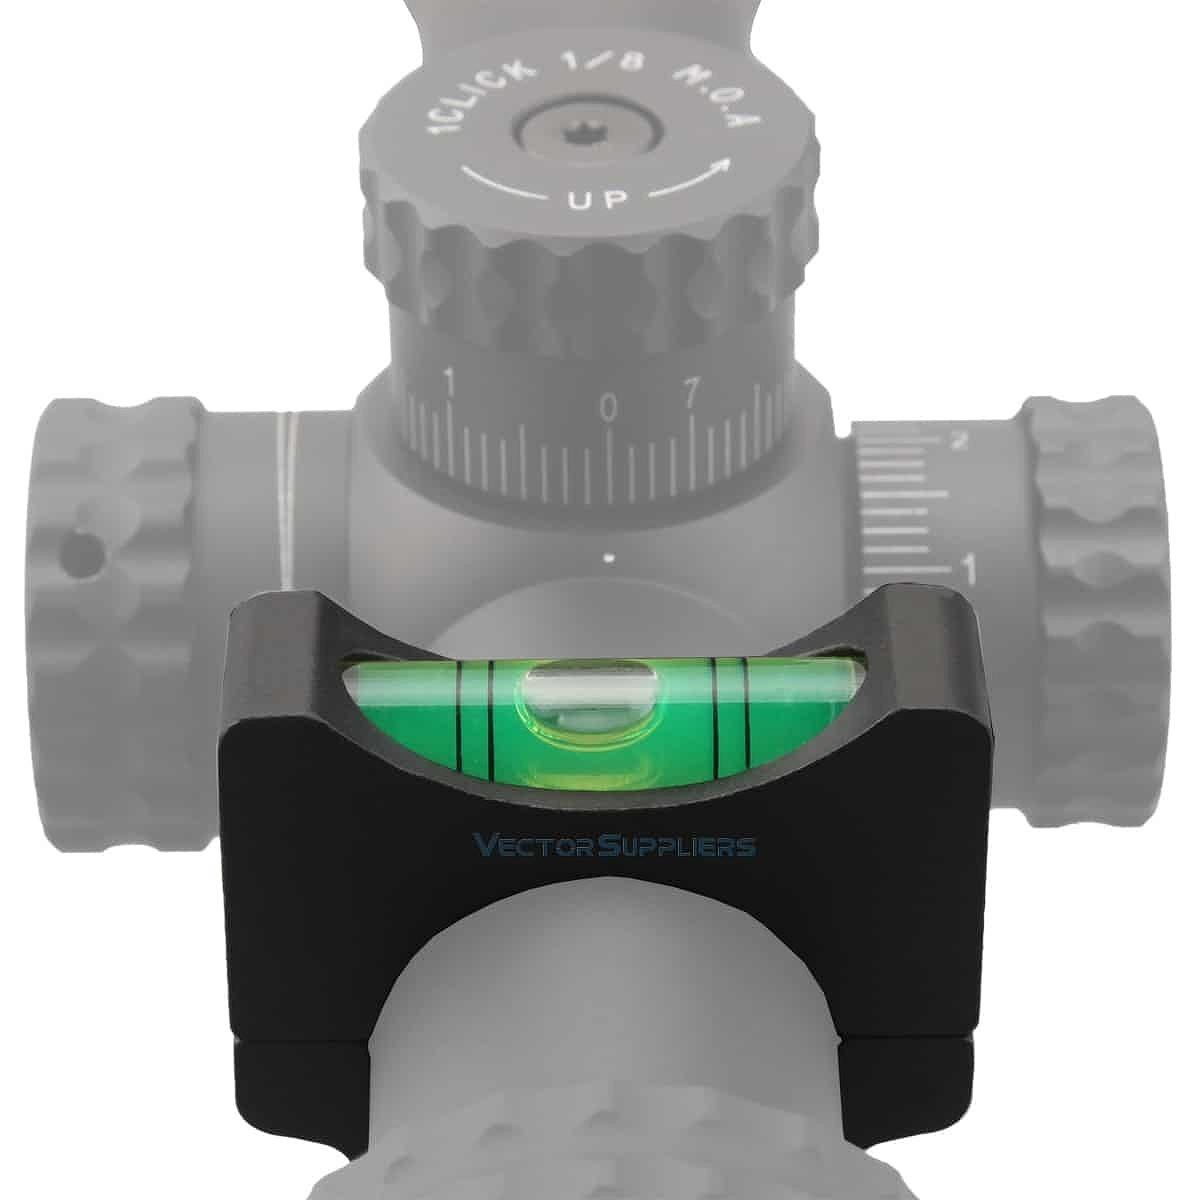 ベクターオプティクス 水平器 30/25.4mm Top Bubble  Vector Optics SCACD-01